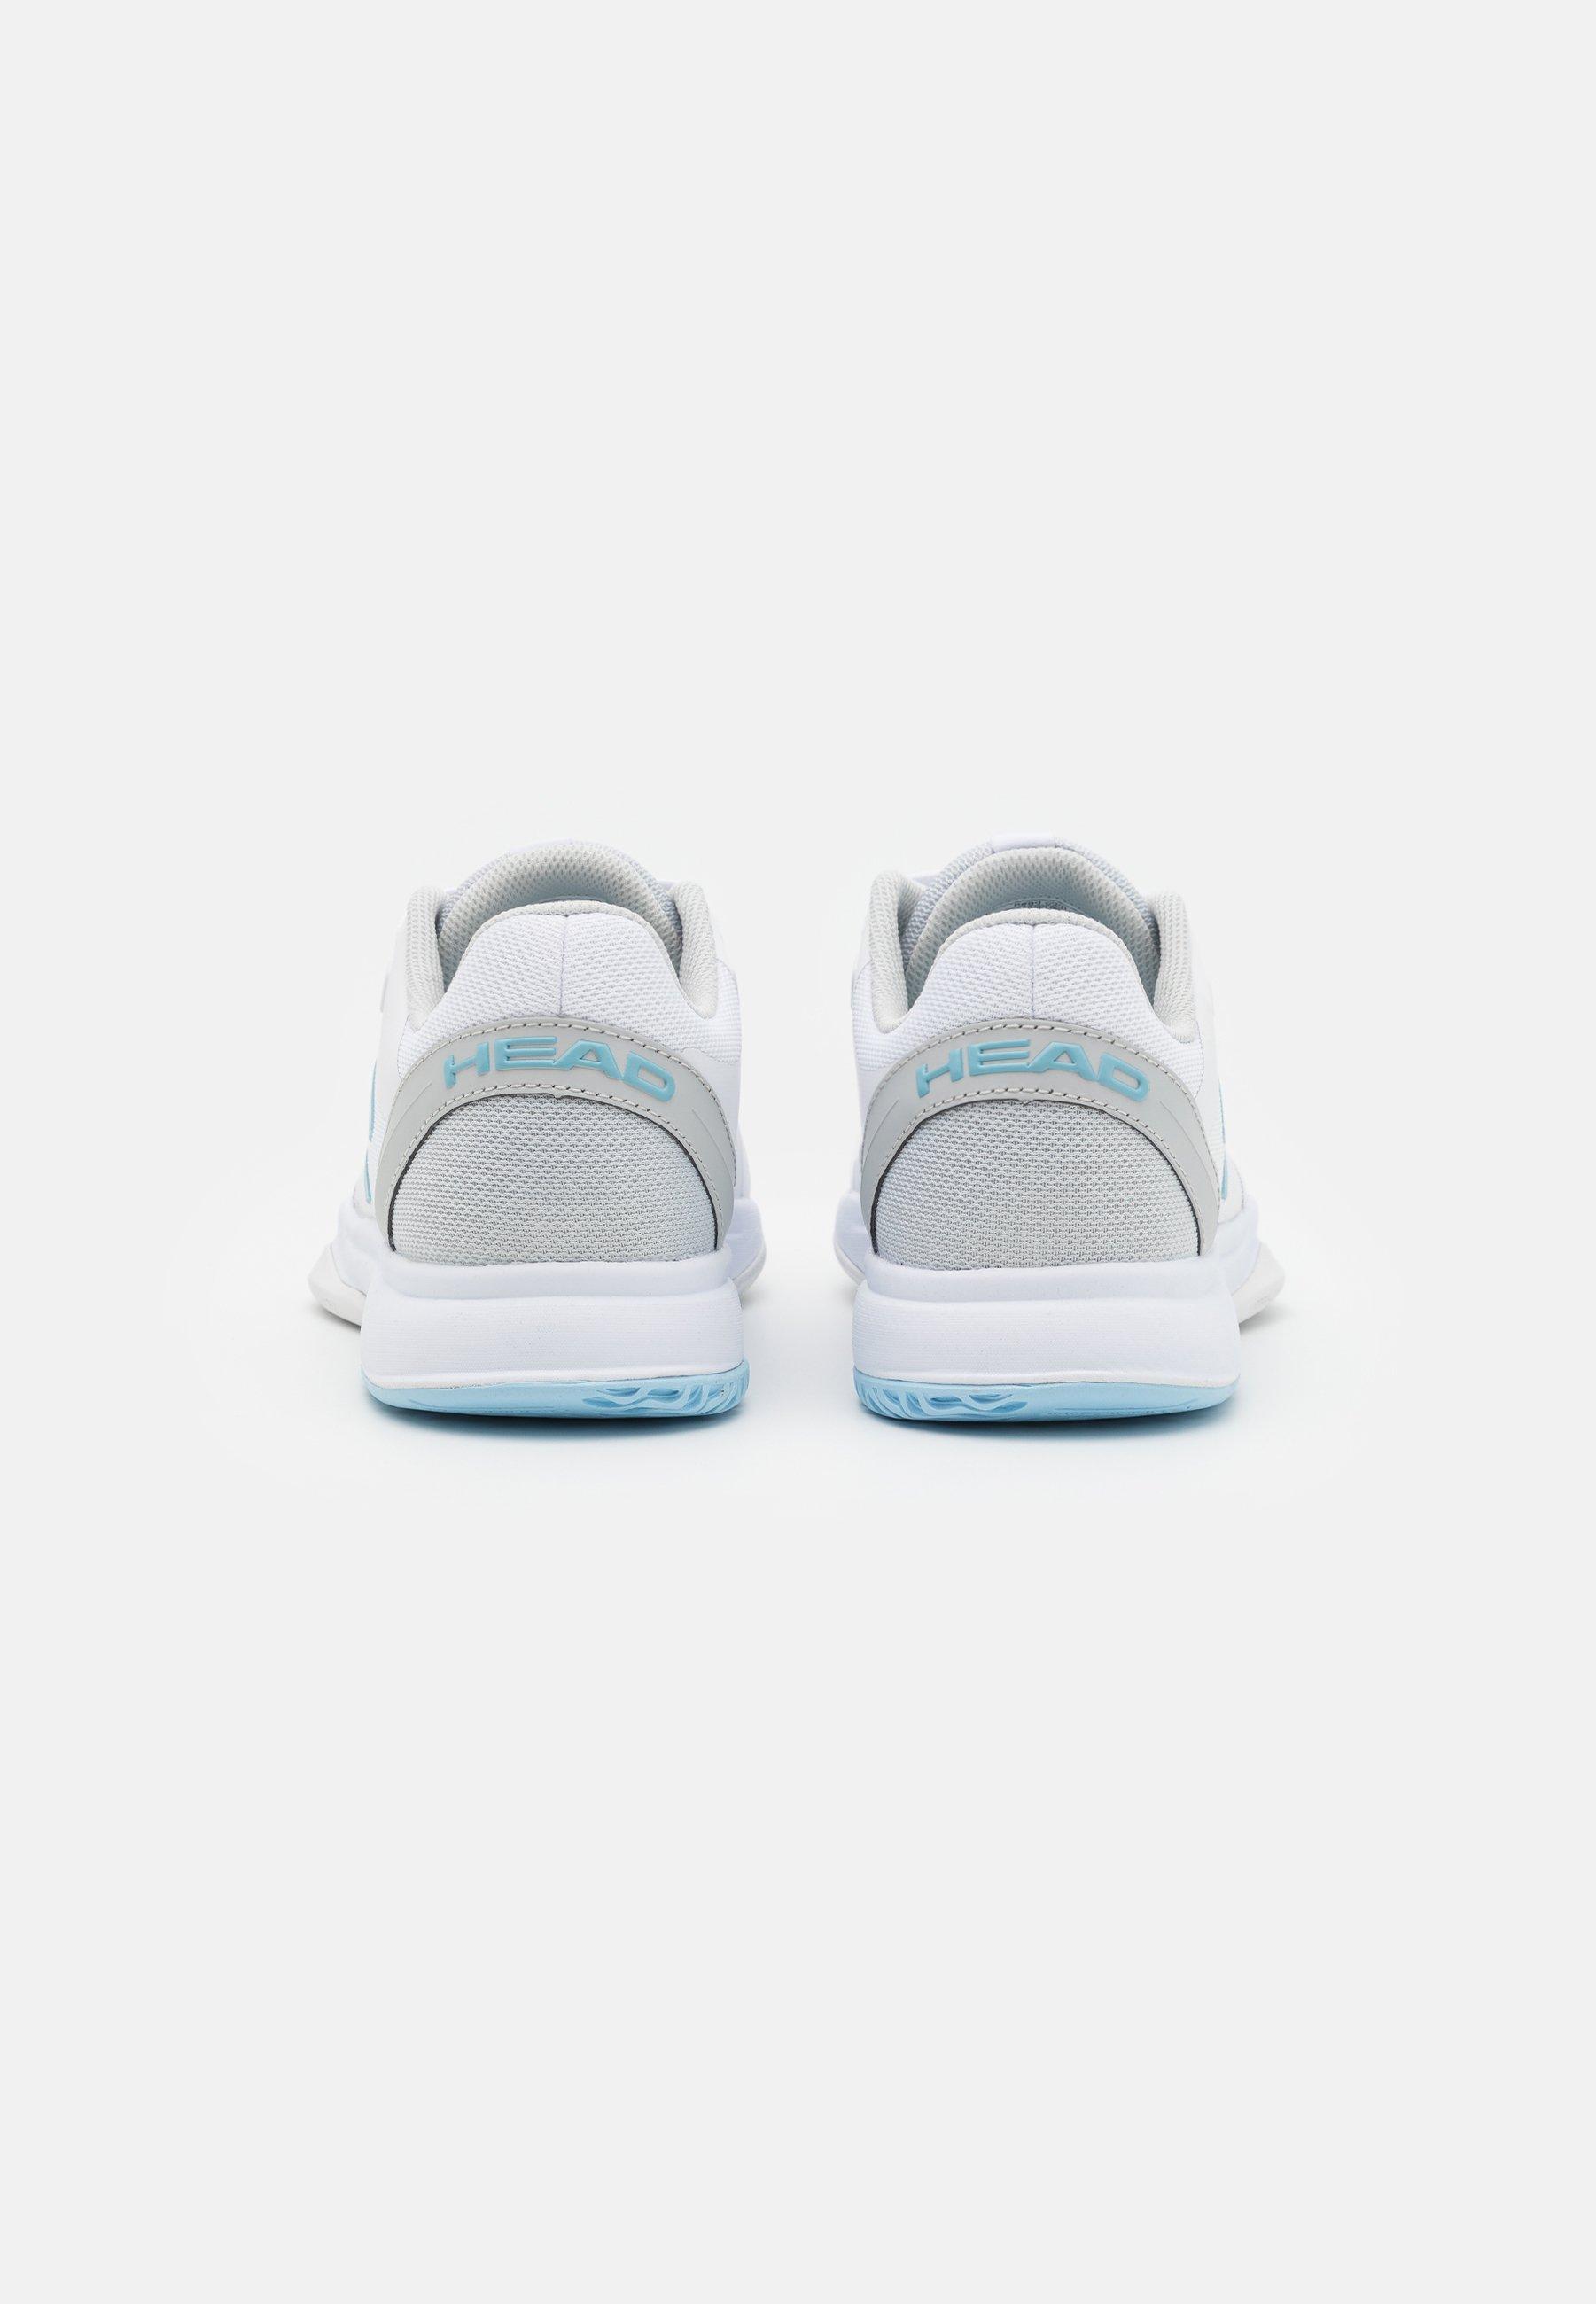 Femme SPRINT TEAM 3.0 - Chaussures de tennis toutes surfaces